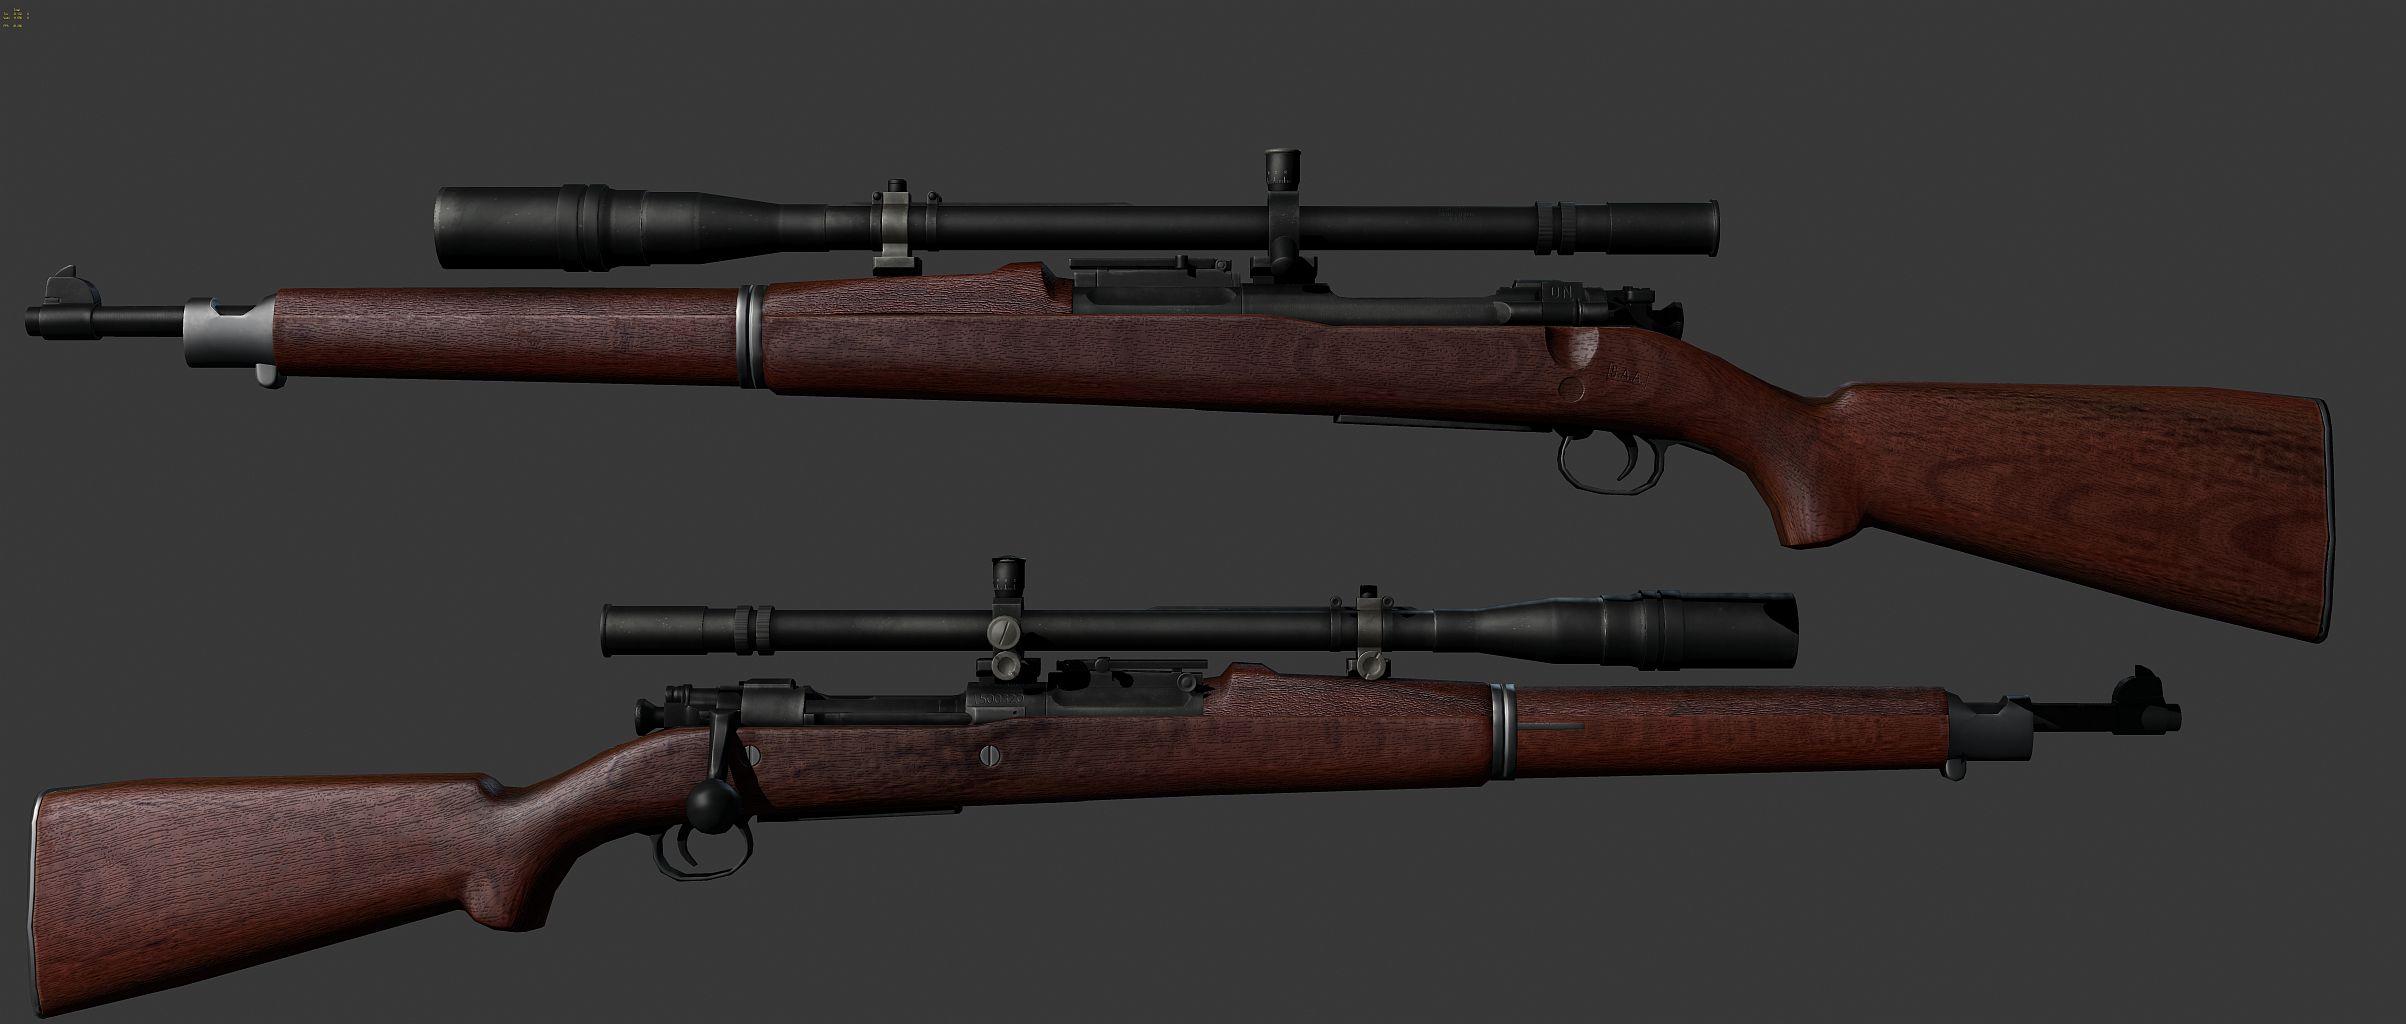 america-rifles-marrathipizza10